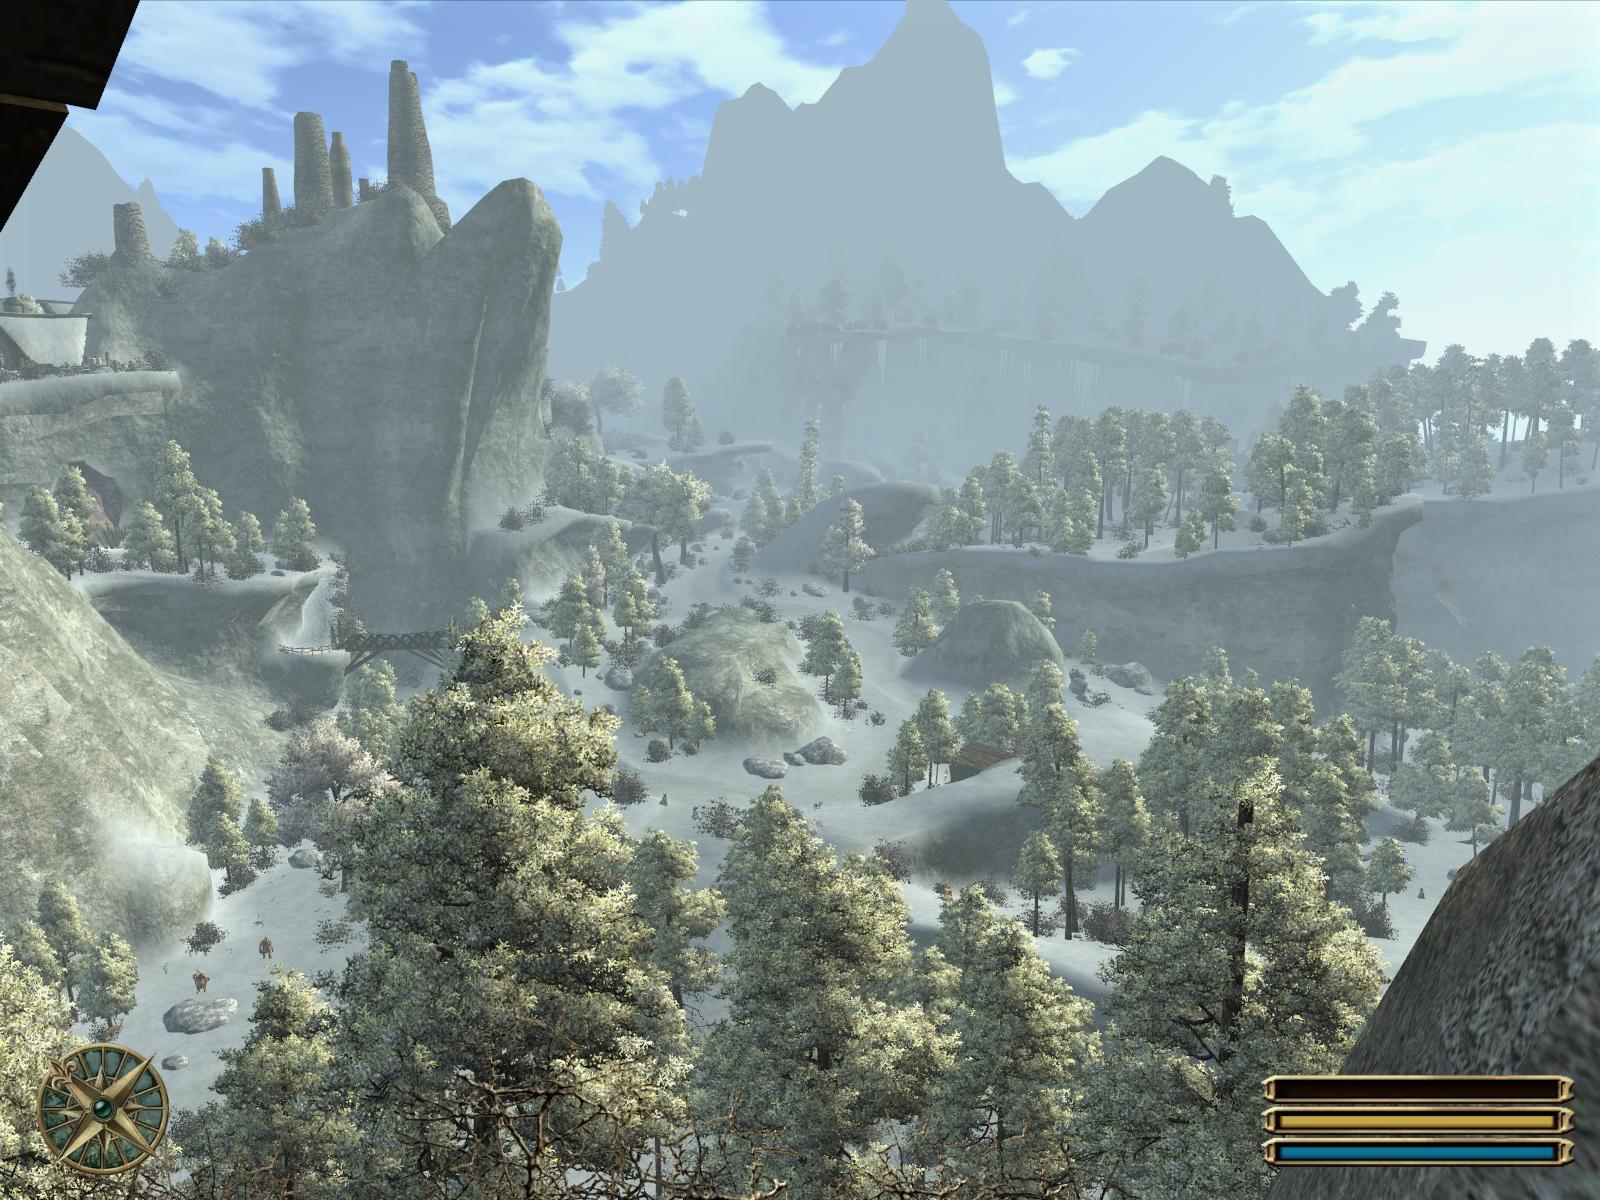 скачать все патчи для игры Gothic 3. На сайте Warhammer 40,000: Dawn of War